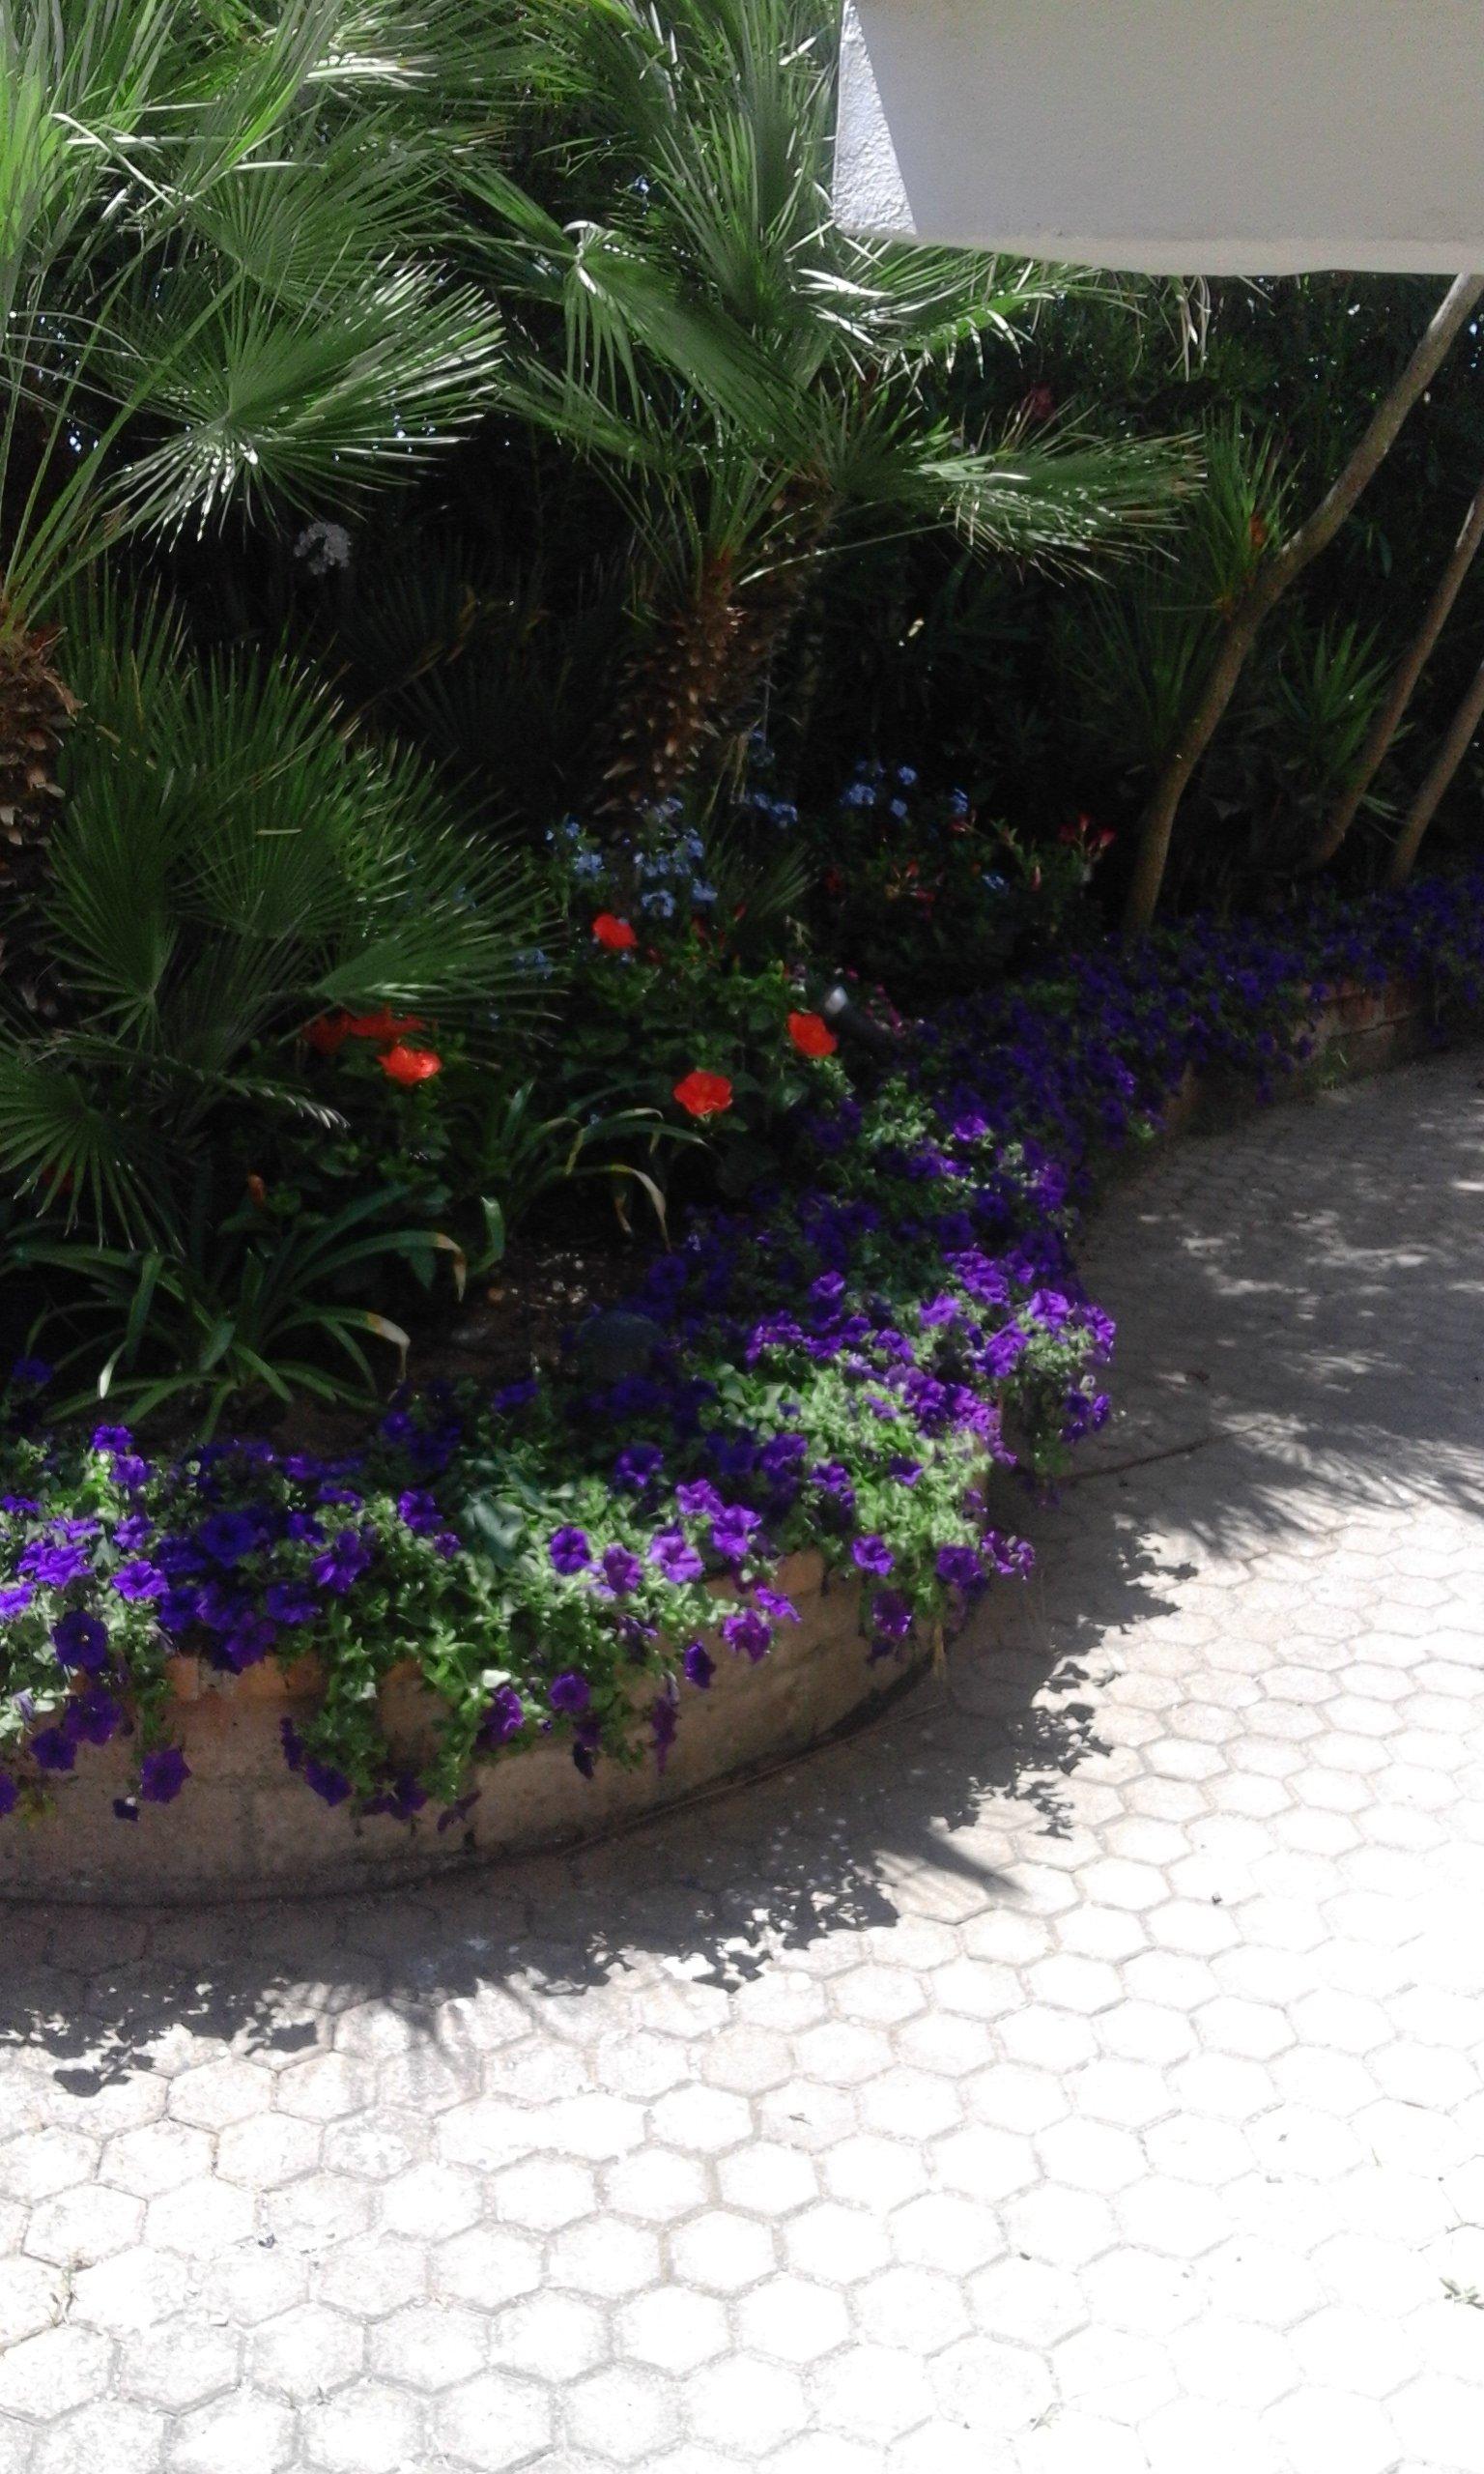 dei fiori viola, rossi e una palma interrati dietro a un muretto